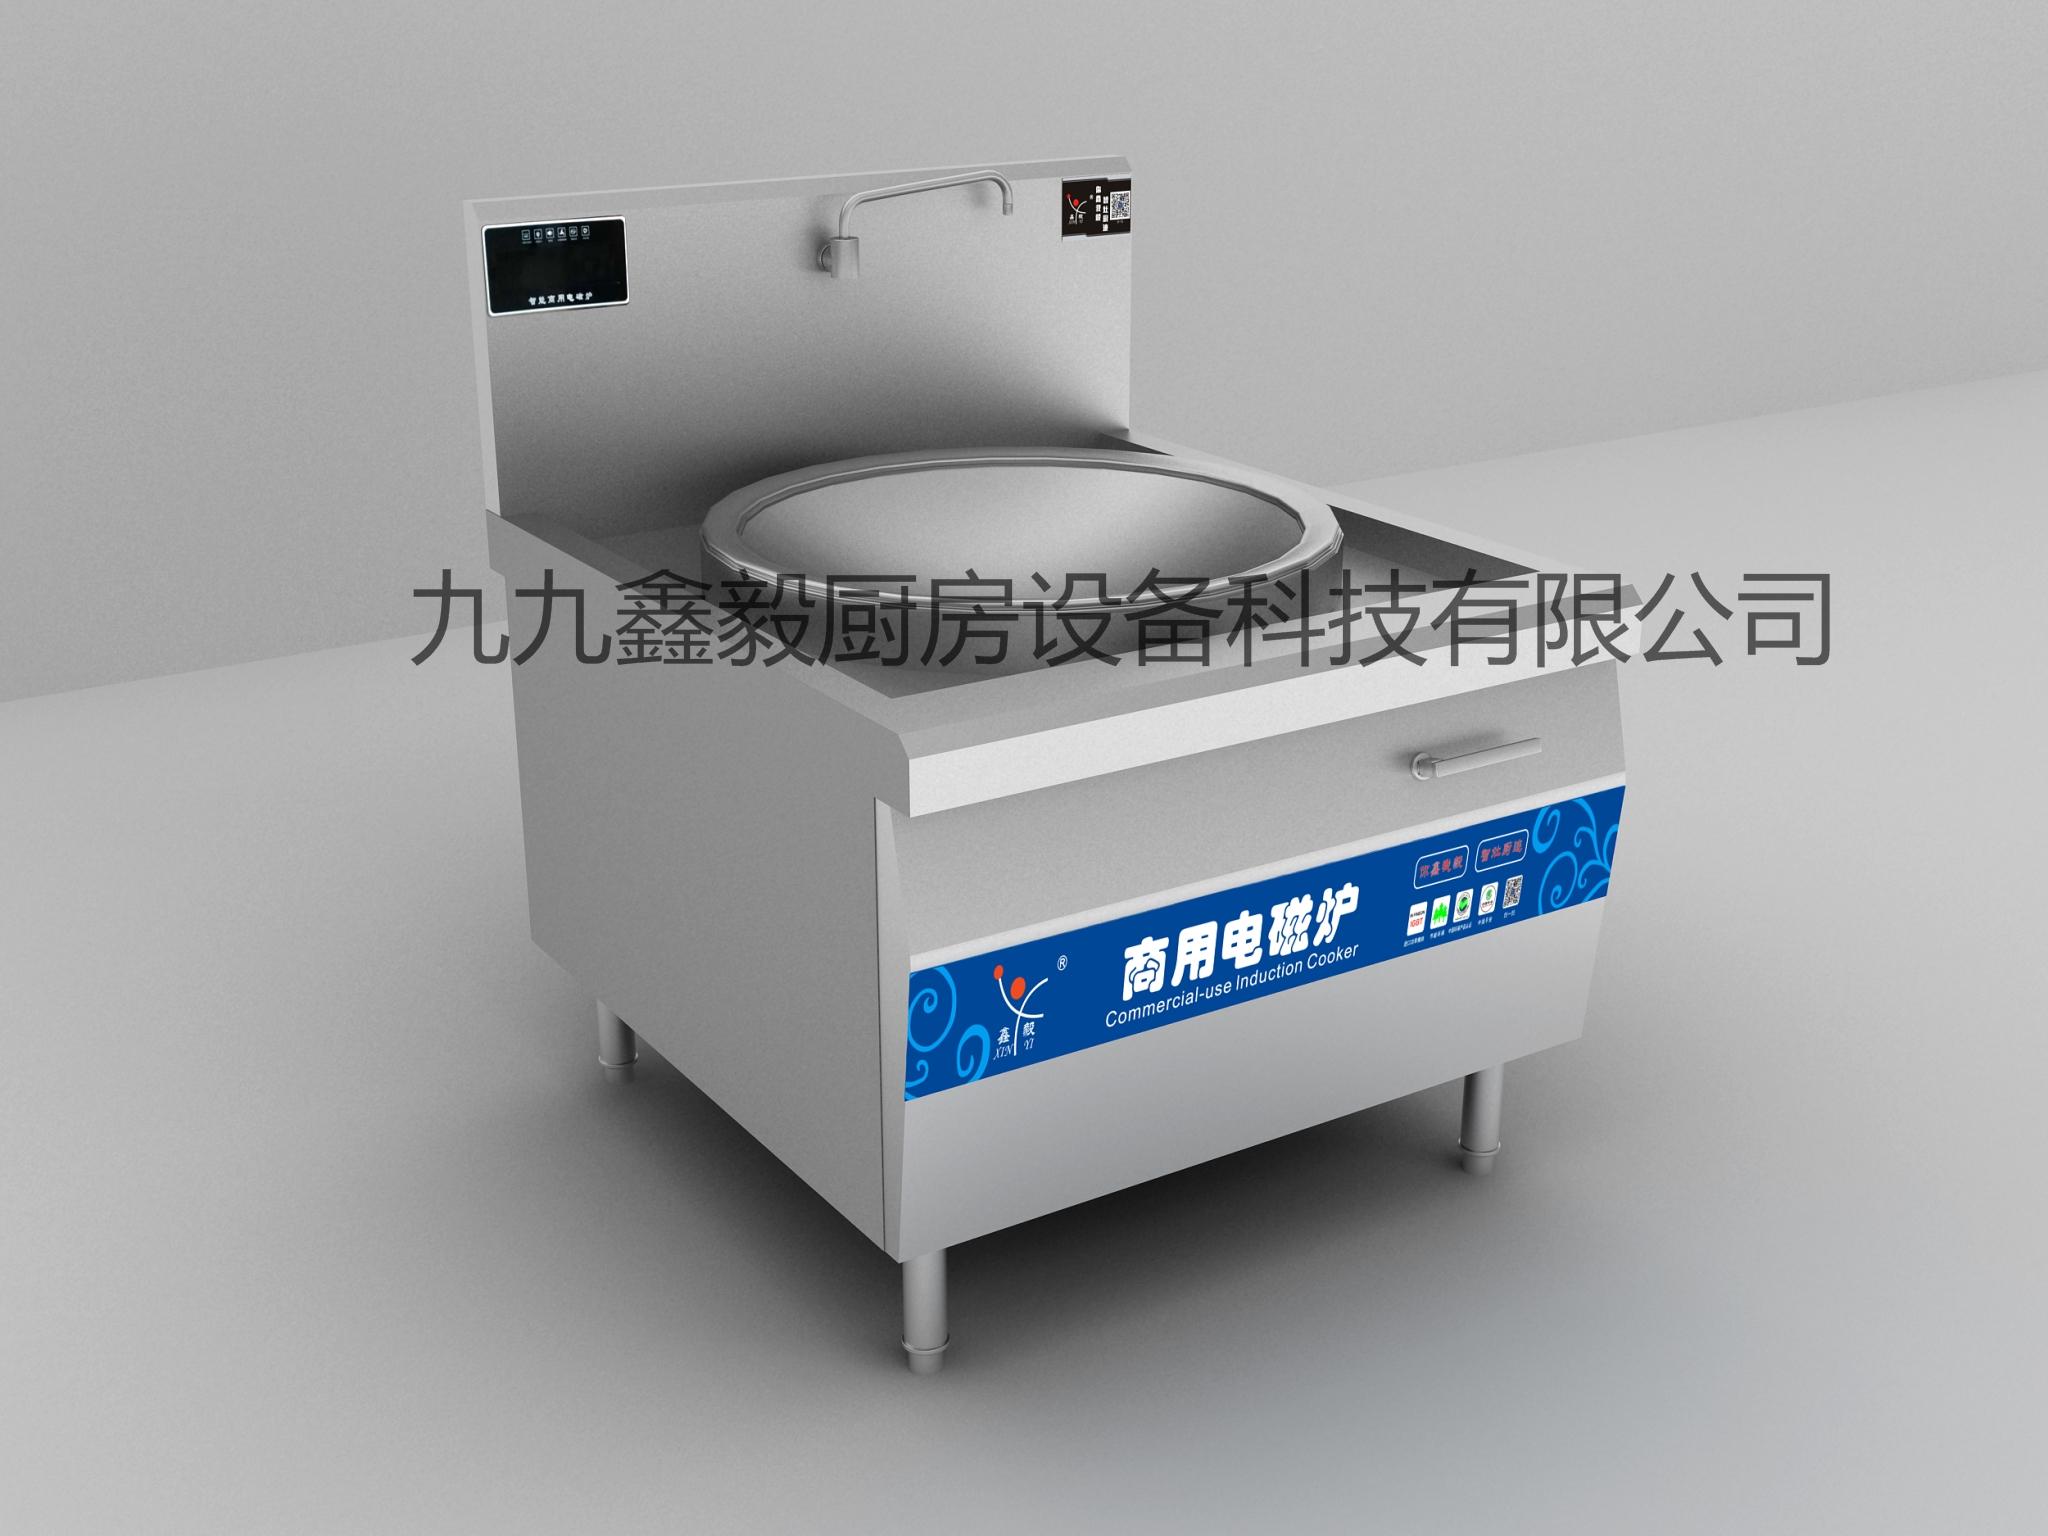 电磁灶厨房